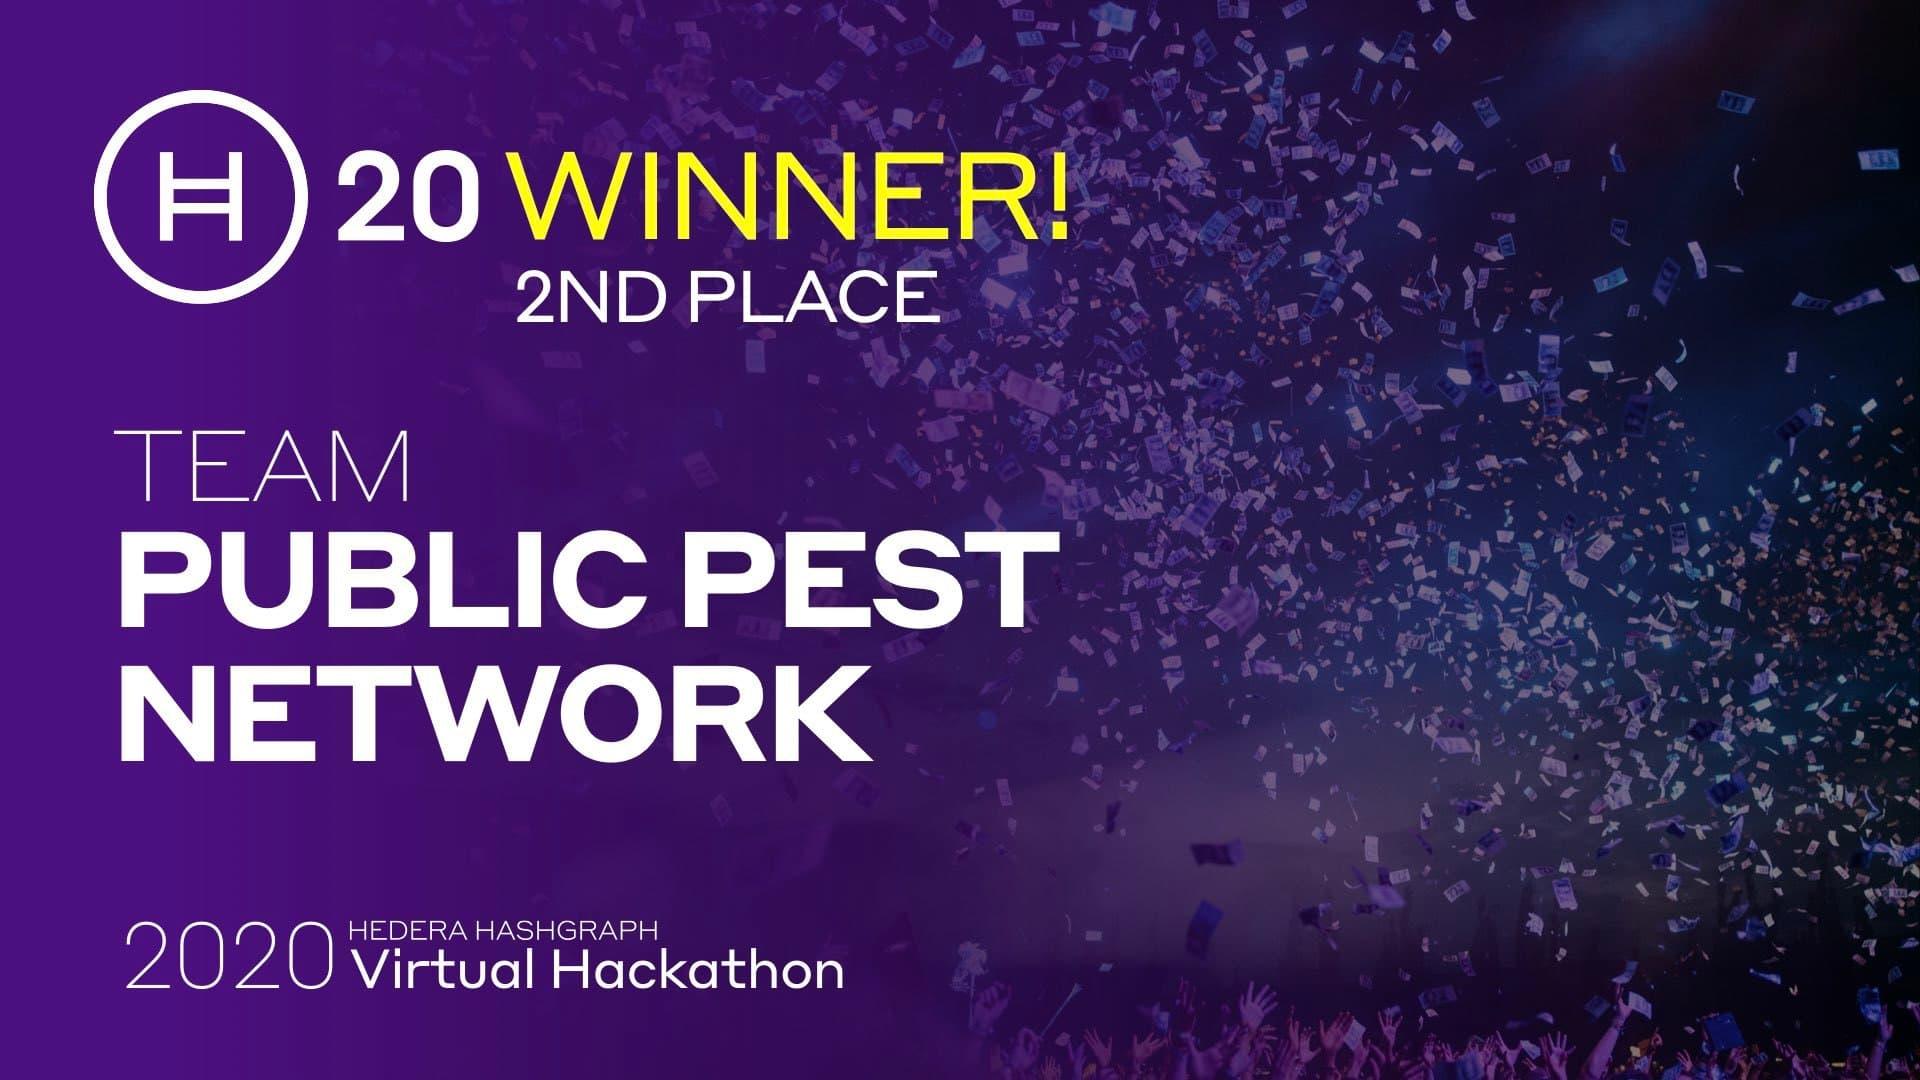 H20 Winners Public Pest Network